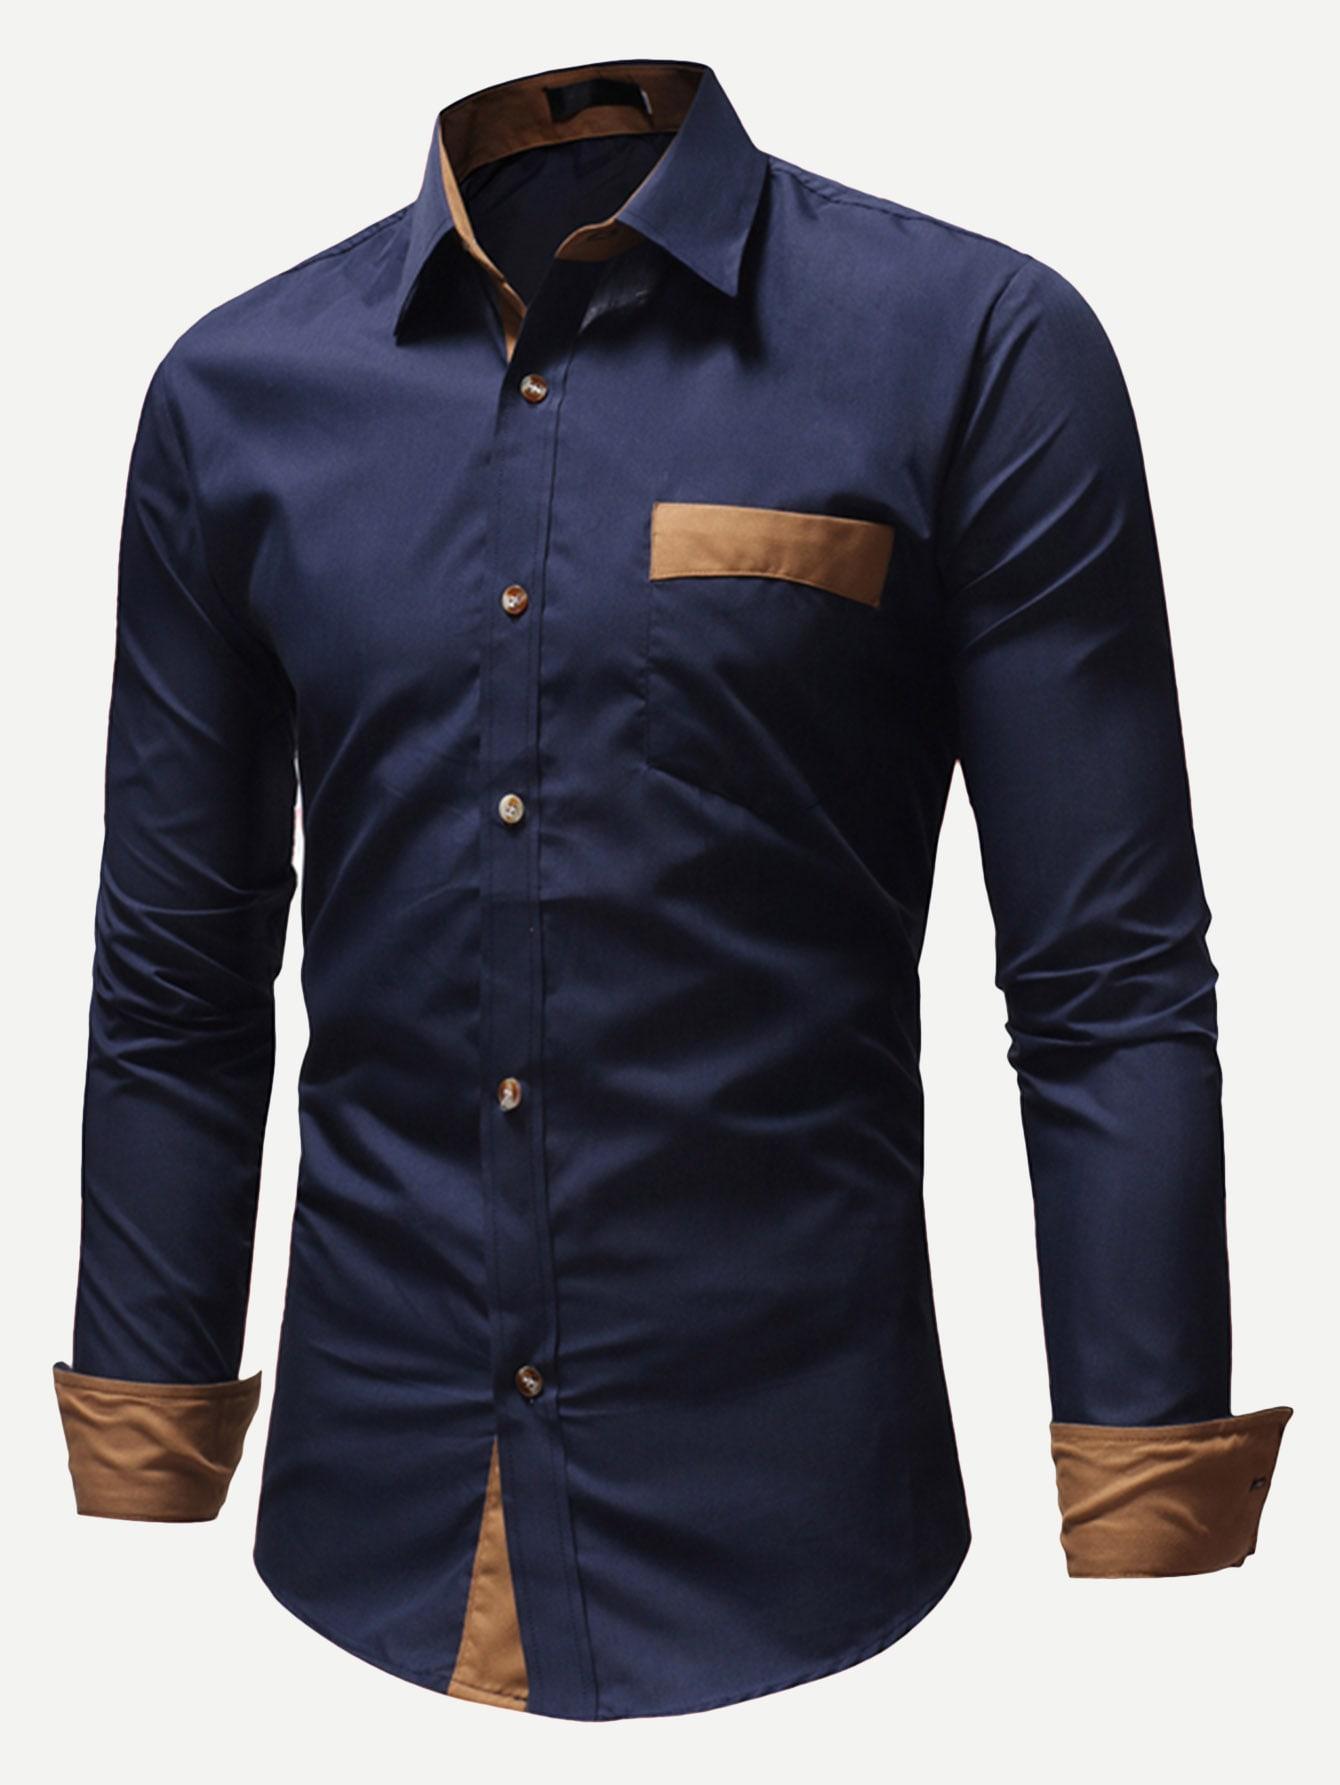 Купить Мужская контрастна футболка с карманом, null, SheIn